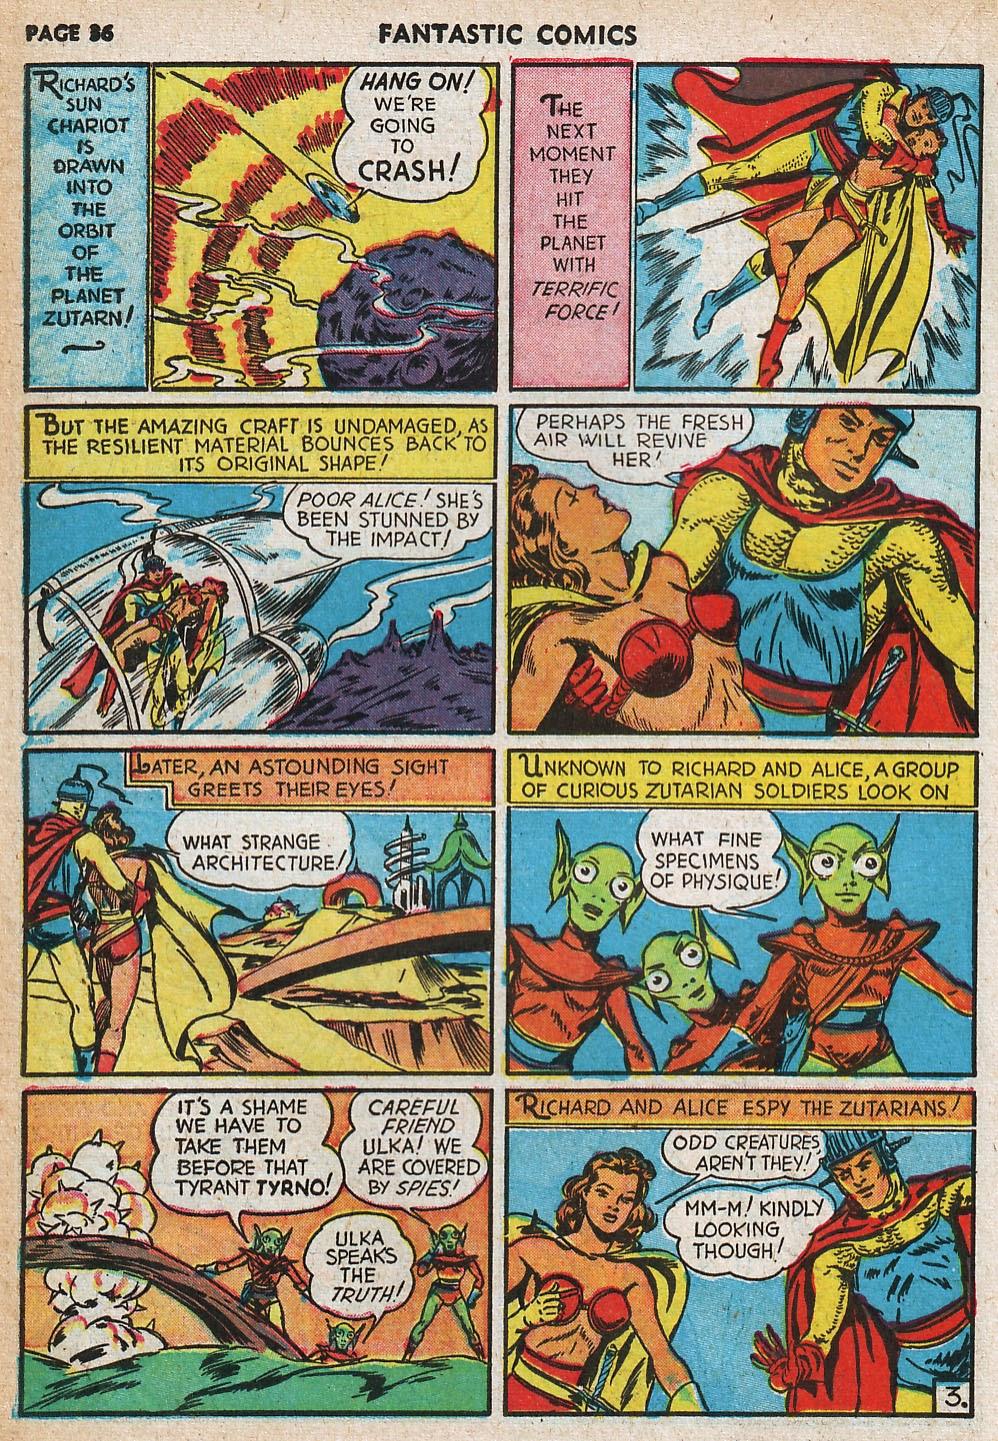 Read online Fantastic Comics comic -  Issue #20 - 36